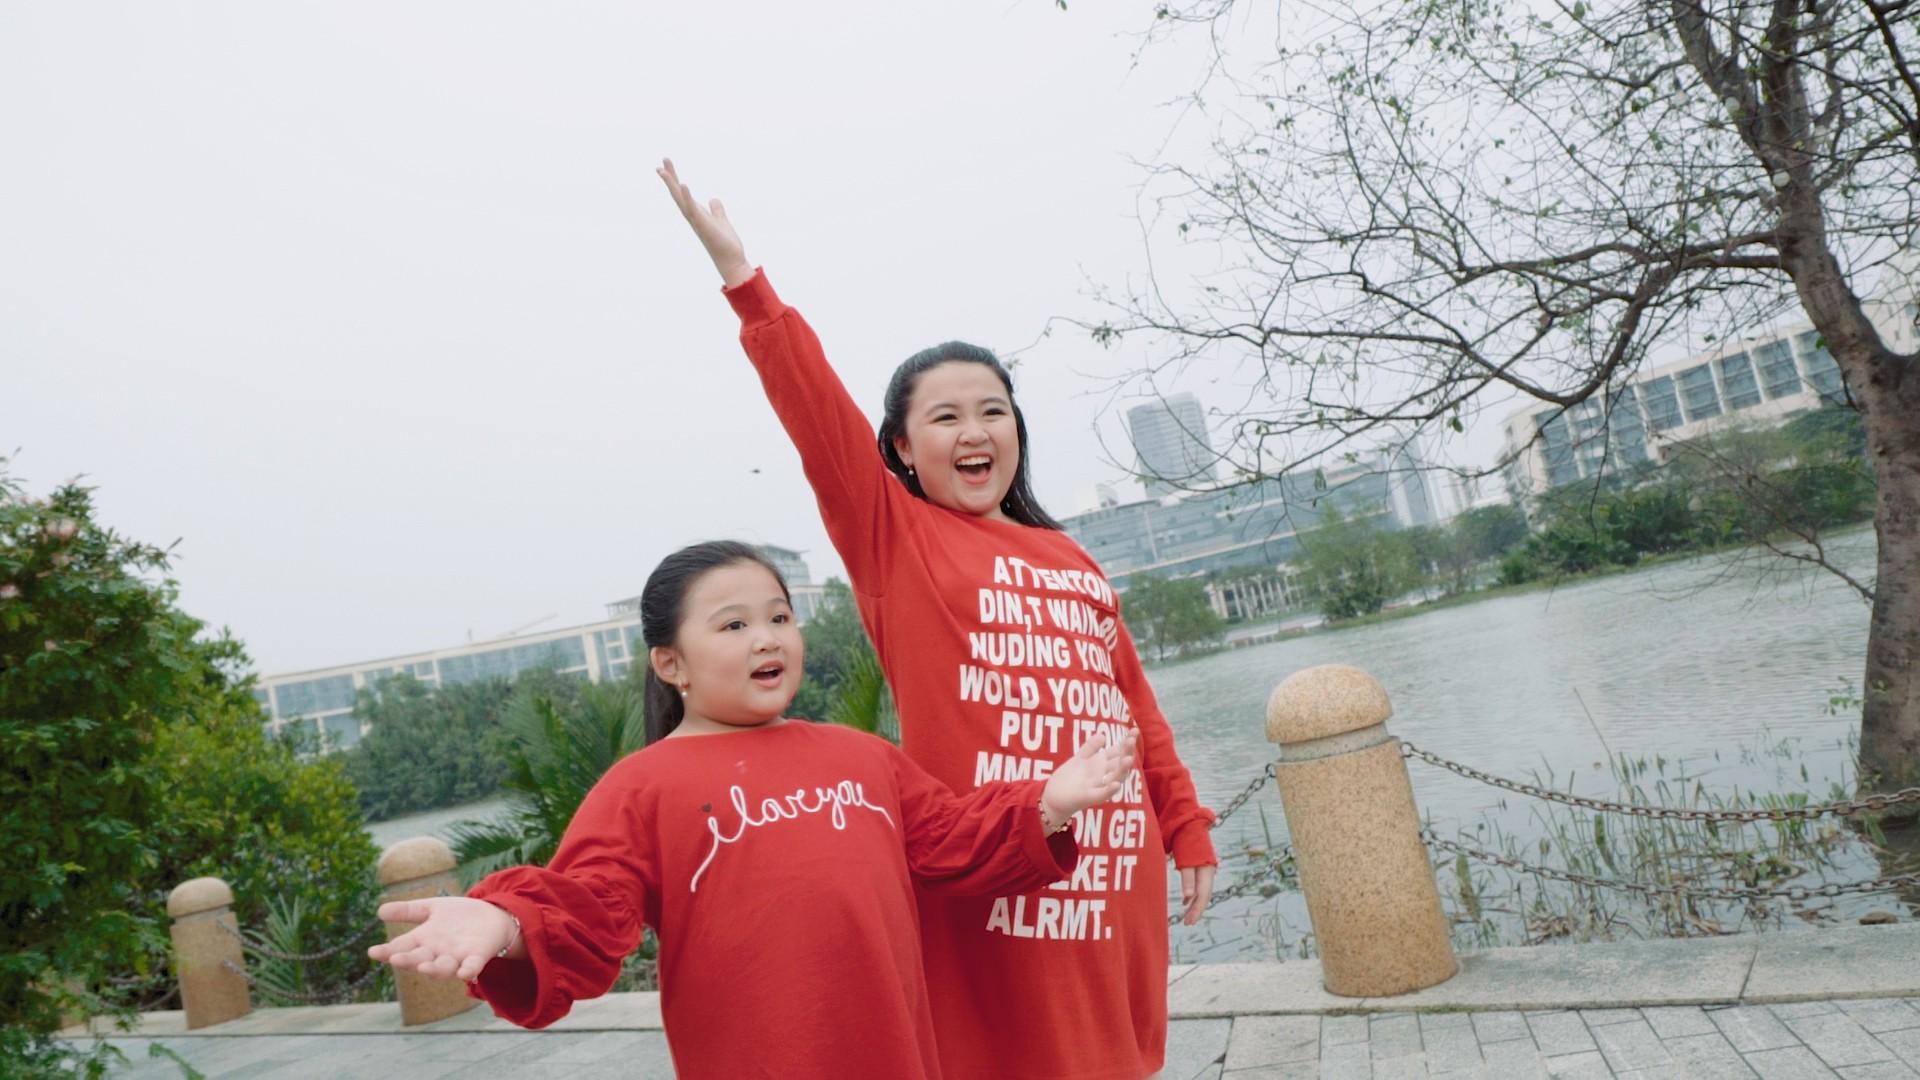 Phương Uyên, Thiều Bảo Trang, Vũ Thảo My quậy hết cỡ cùng trò nhí trong MV mang thông điệp tích cực về cuộc sống - Ảnh 8.